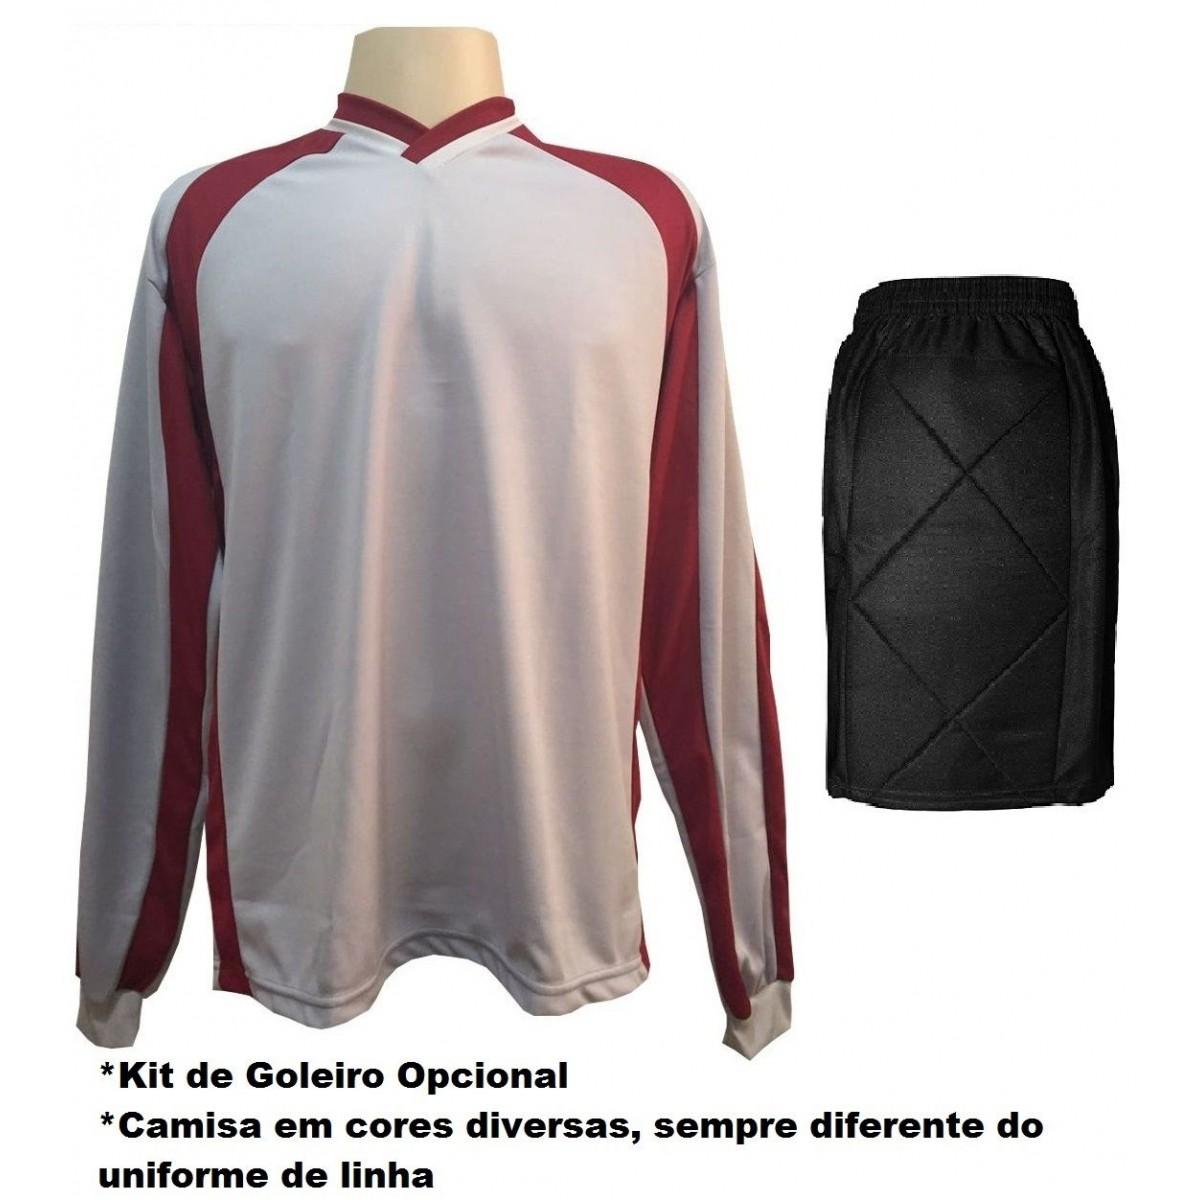 Uniforme Esportivo com 18 Camisas modelo City Verde/Branco + 18 Calções modelo Madrid Verde